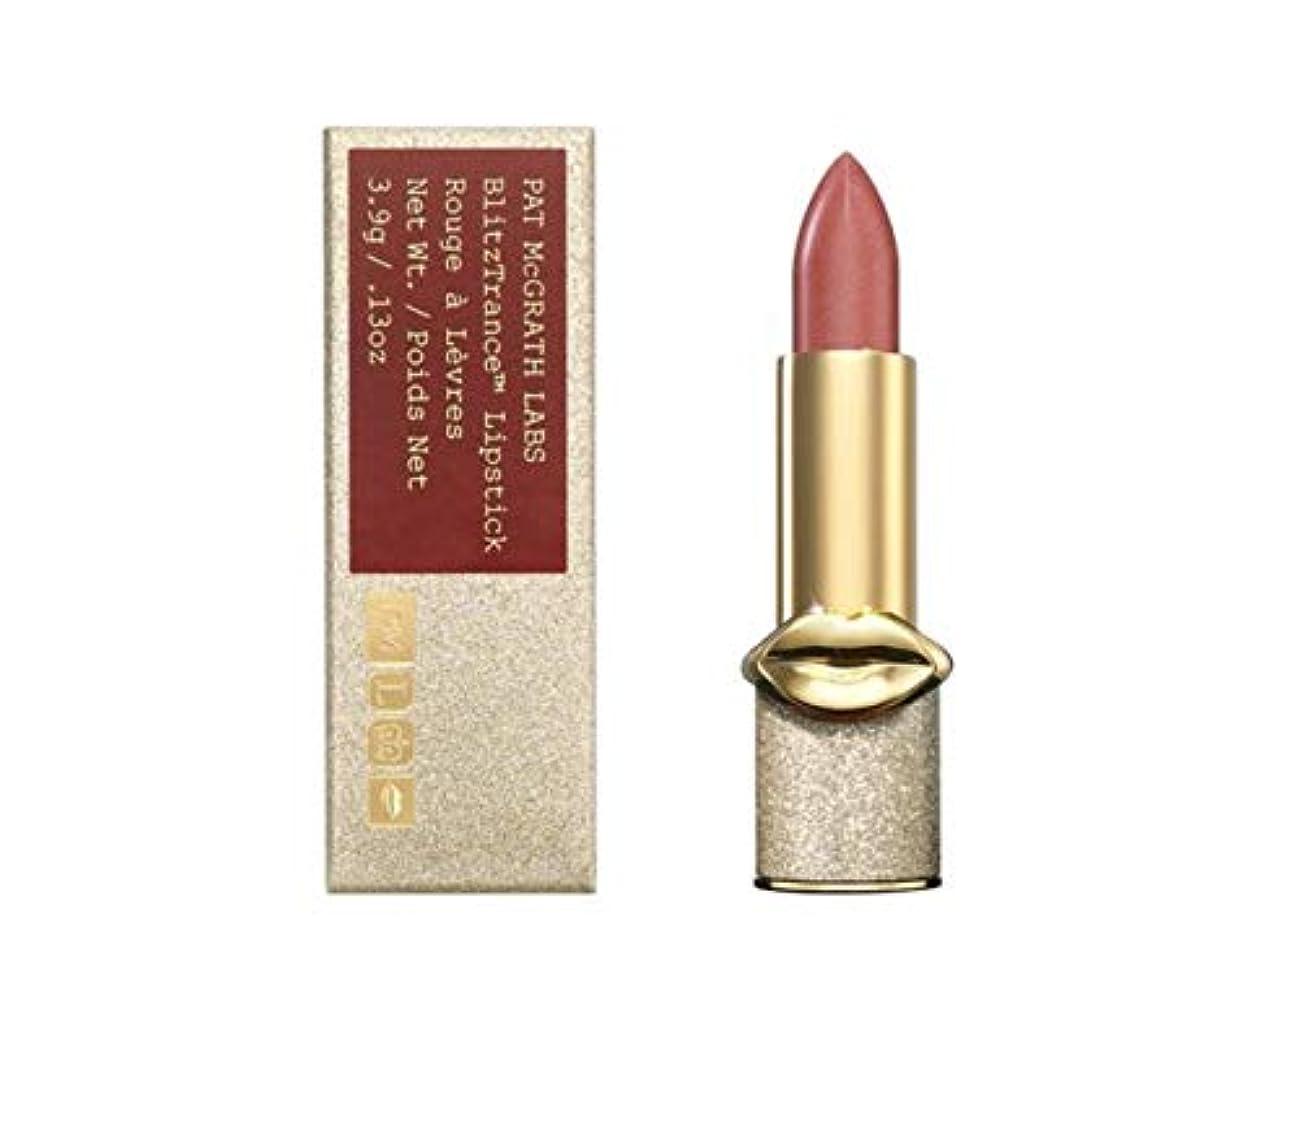 付添人マウスピース八百屋PAT MCGRATH LABS BlitzTrance™ Lipstick (Skin Flixx)